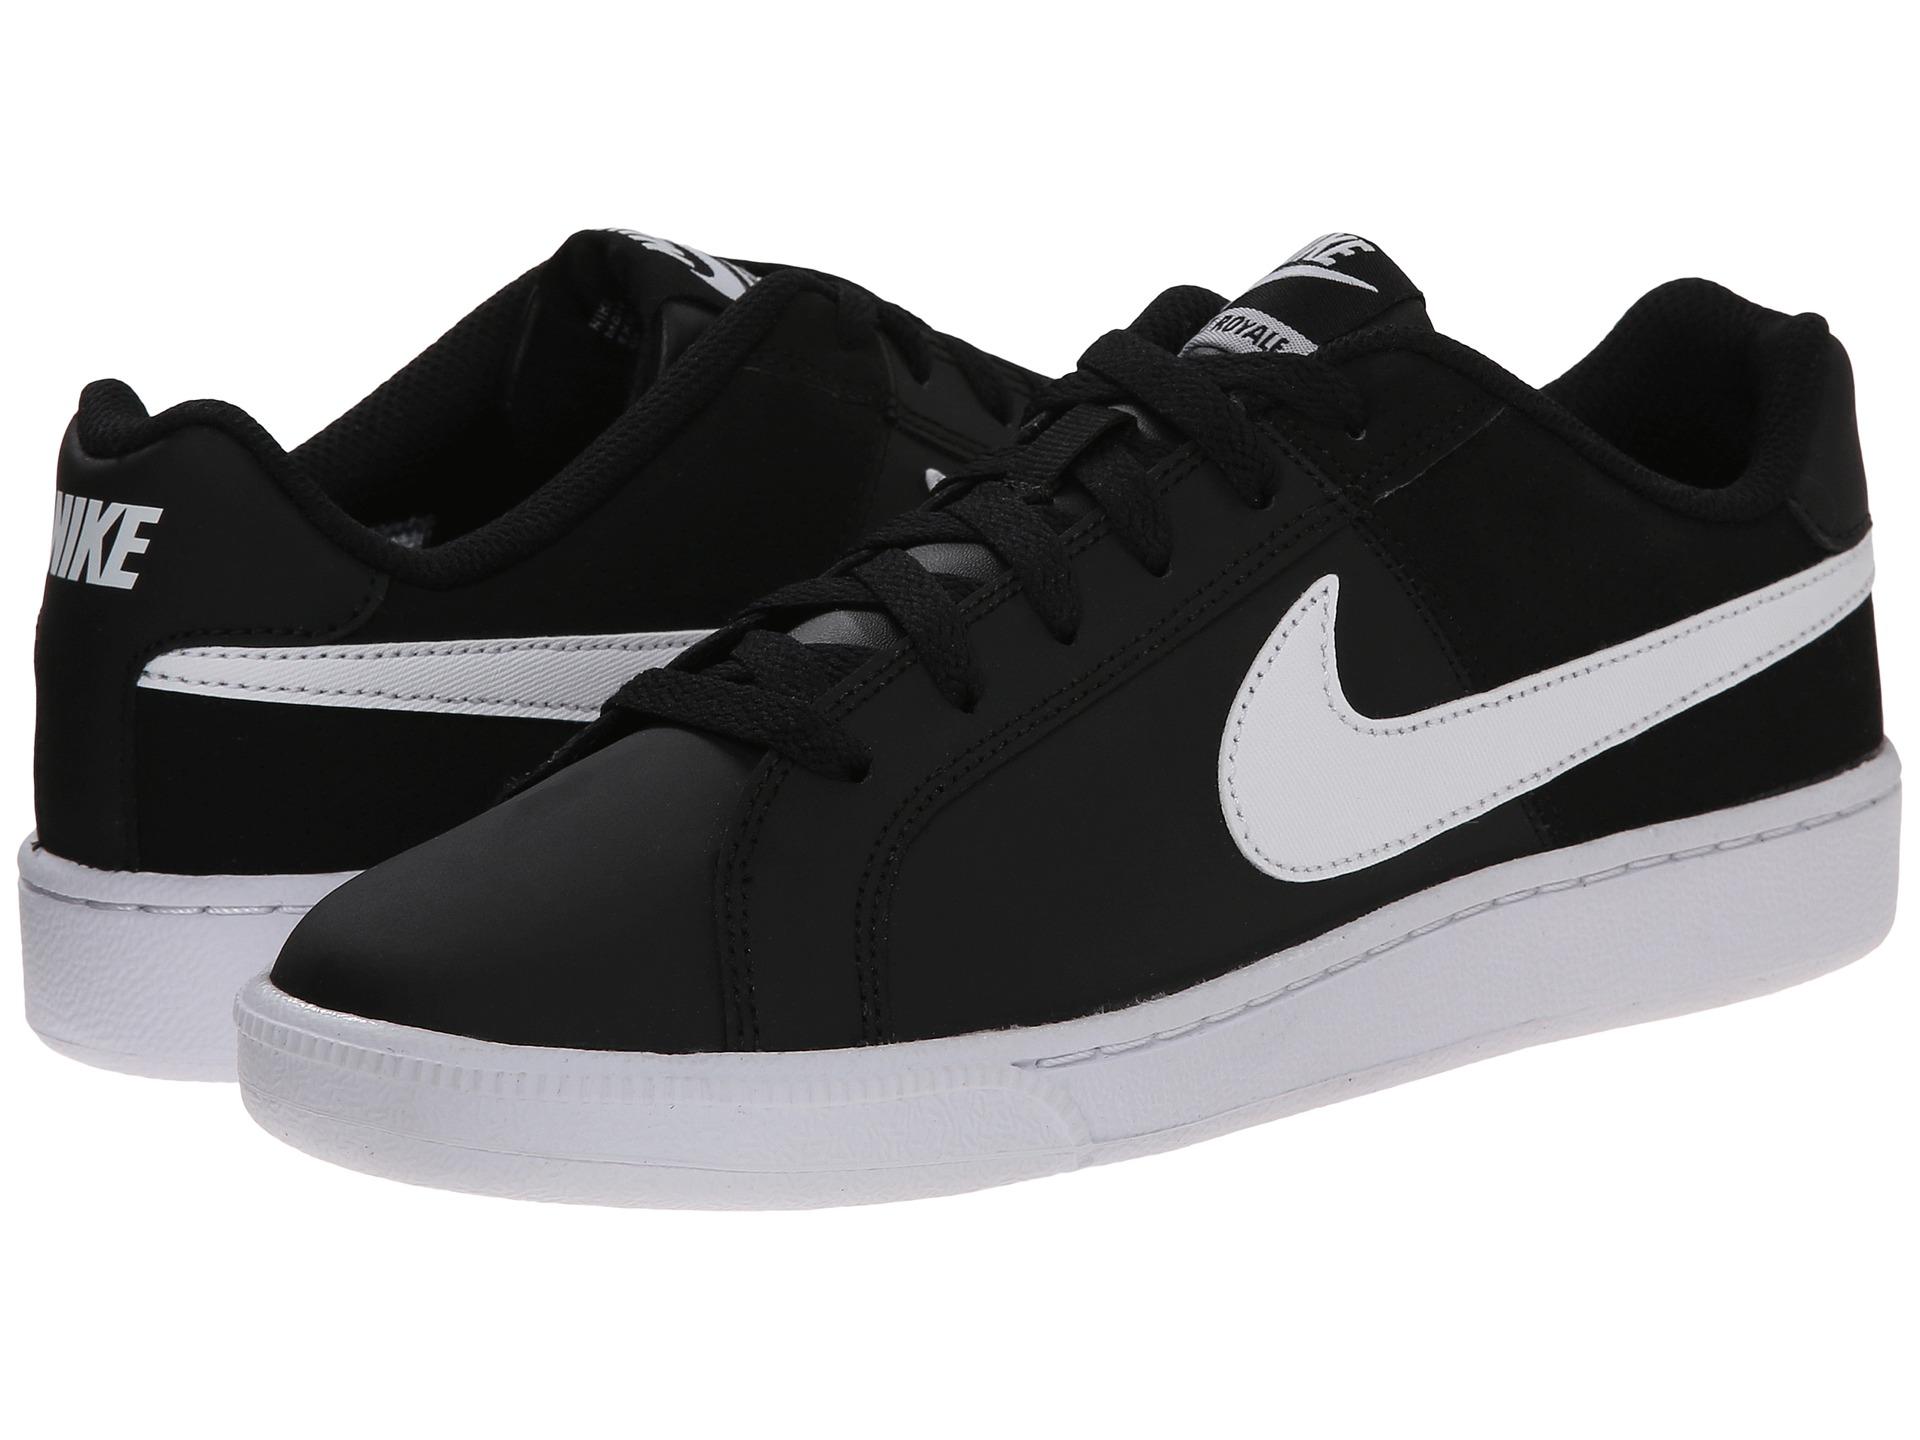 M Mens Shoes Size